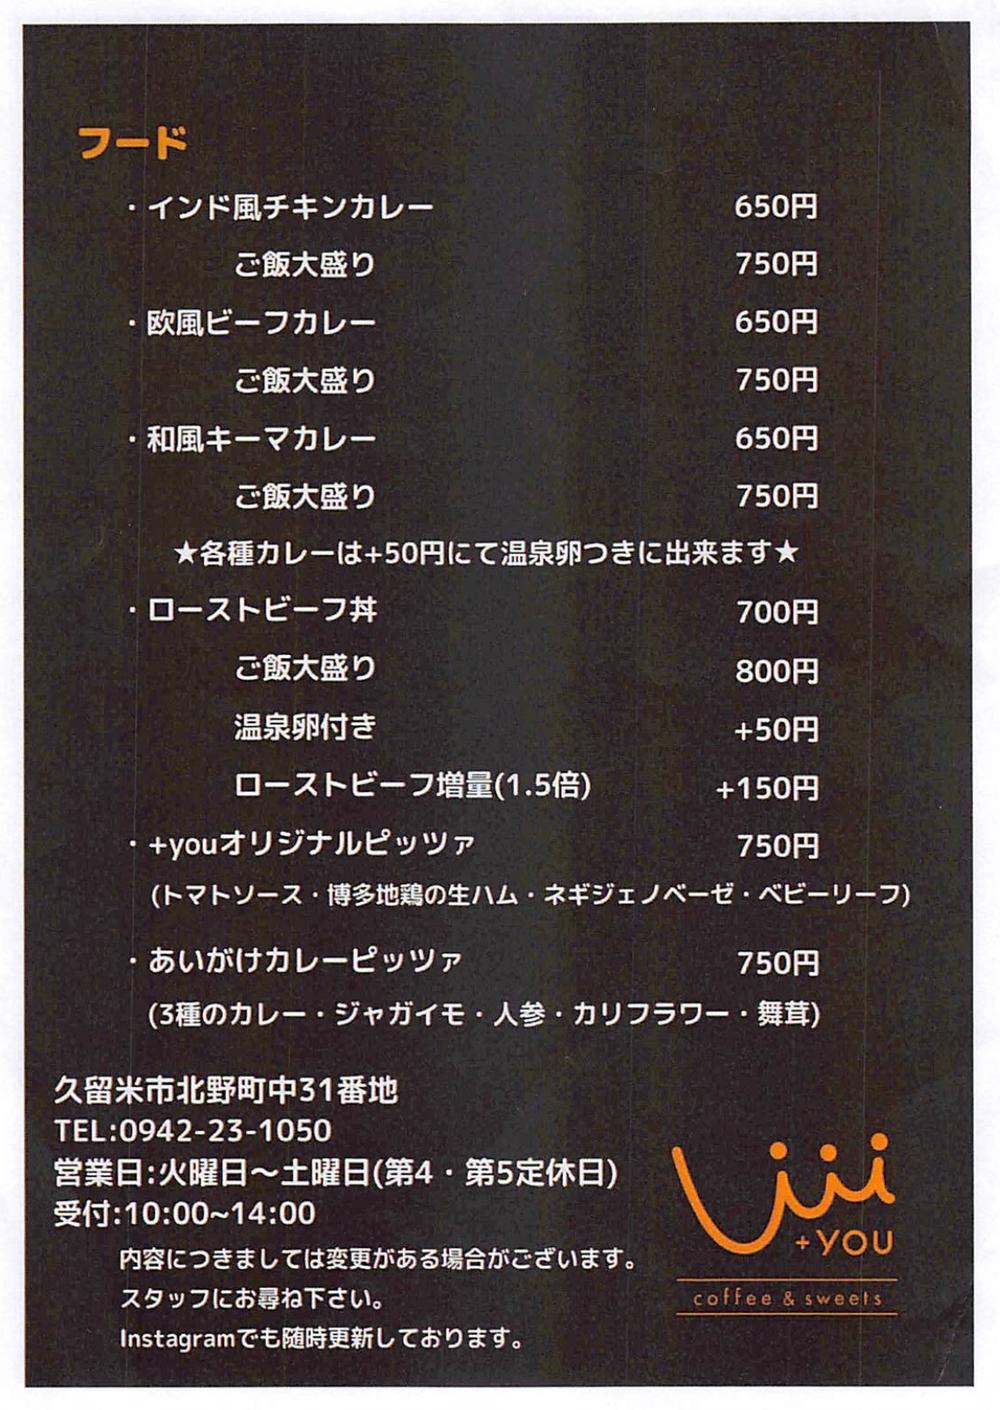 +you(プラスユー)久留米市 テイクアウトメニュー表